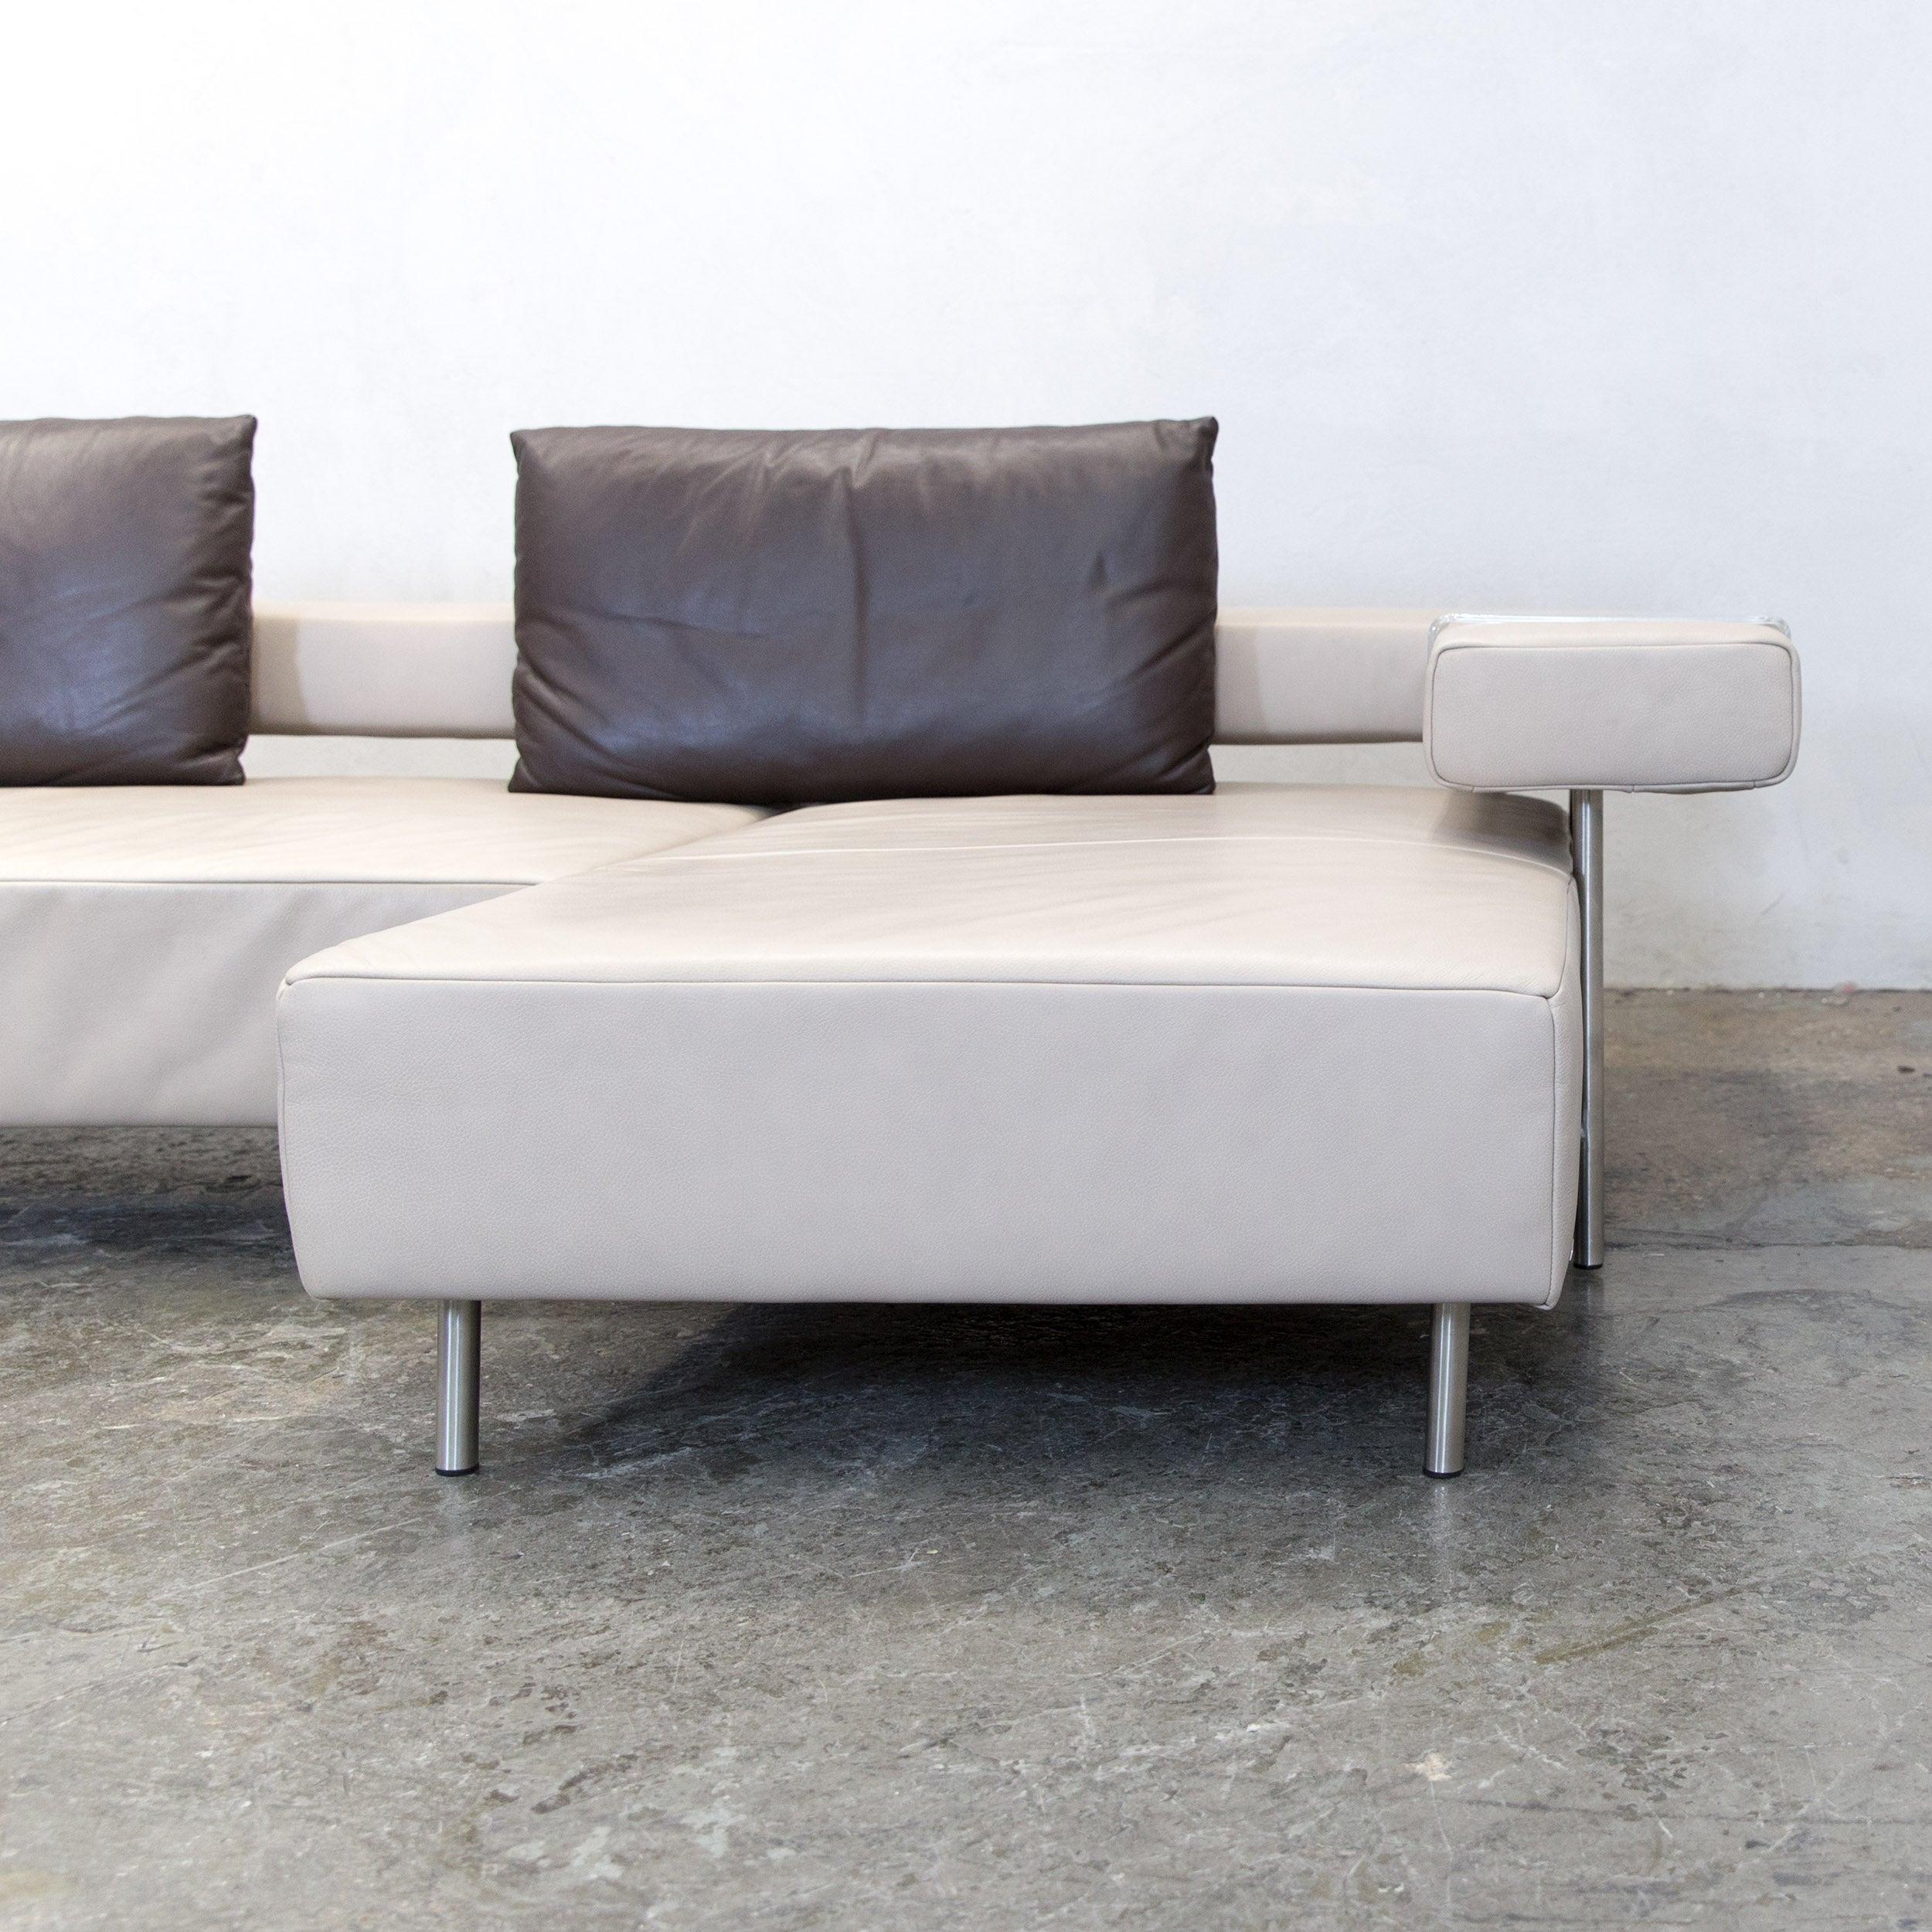 Blickfang Couchgarnitur Mit Sessel Referenz Von Koinor